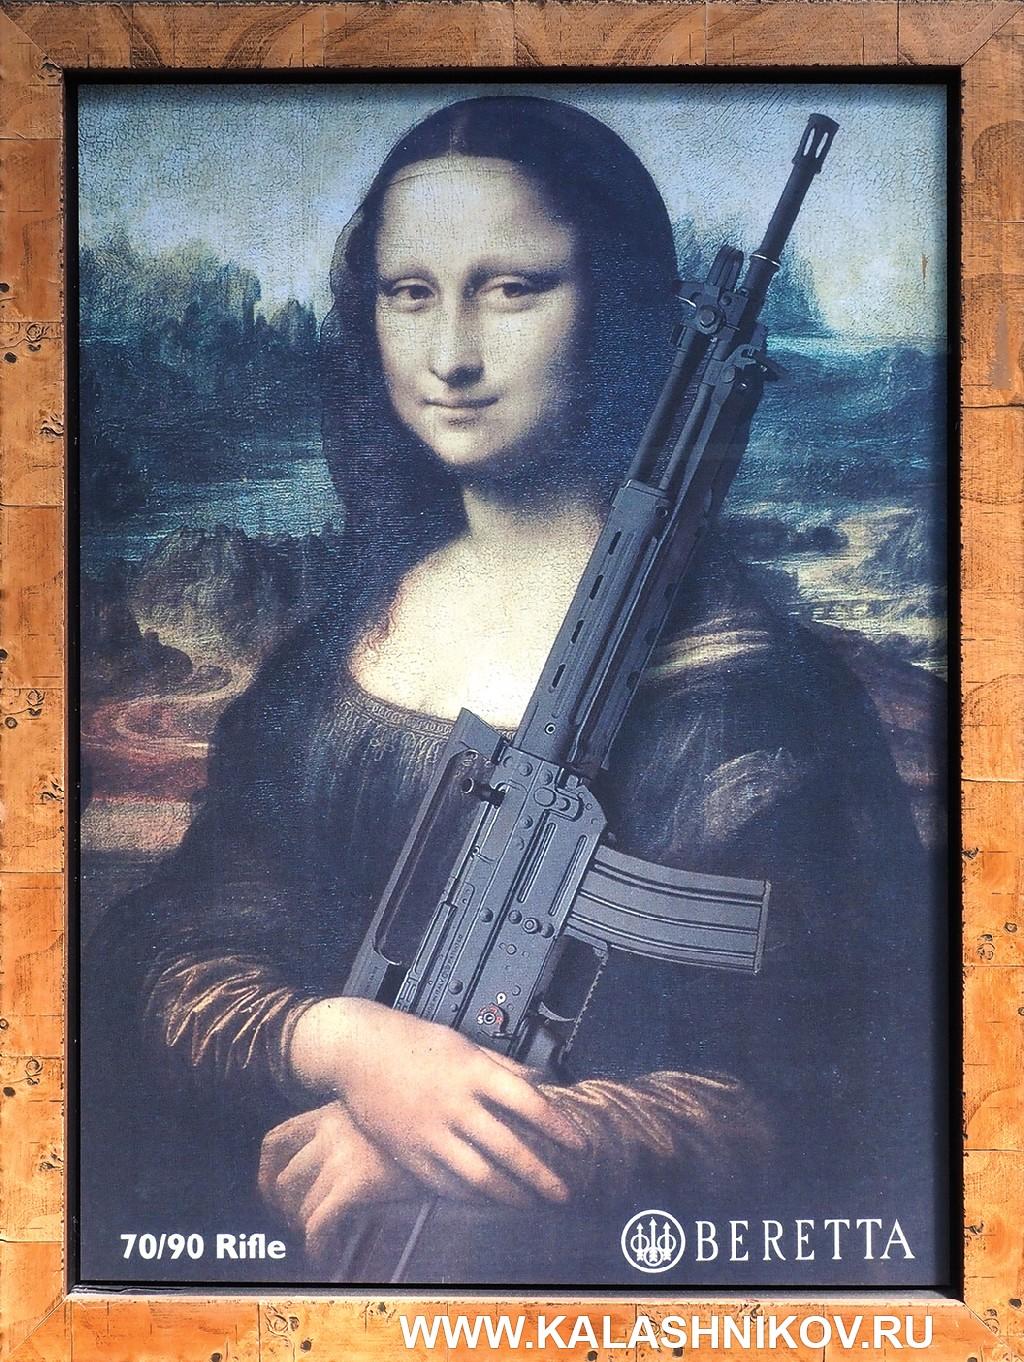 реклама штурмовой винтовки Beretta 70/90